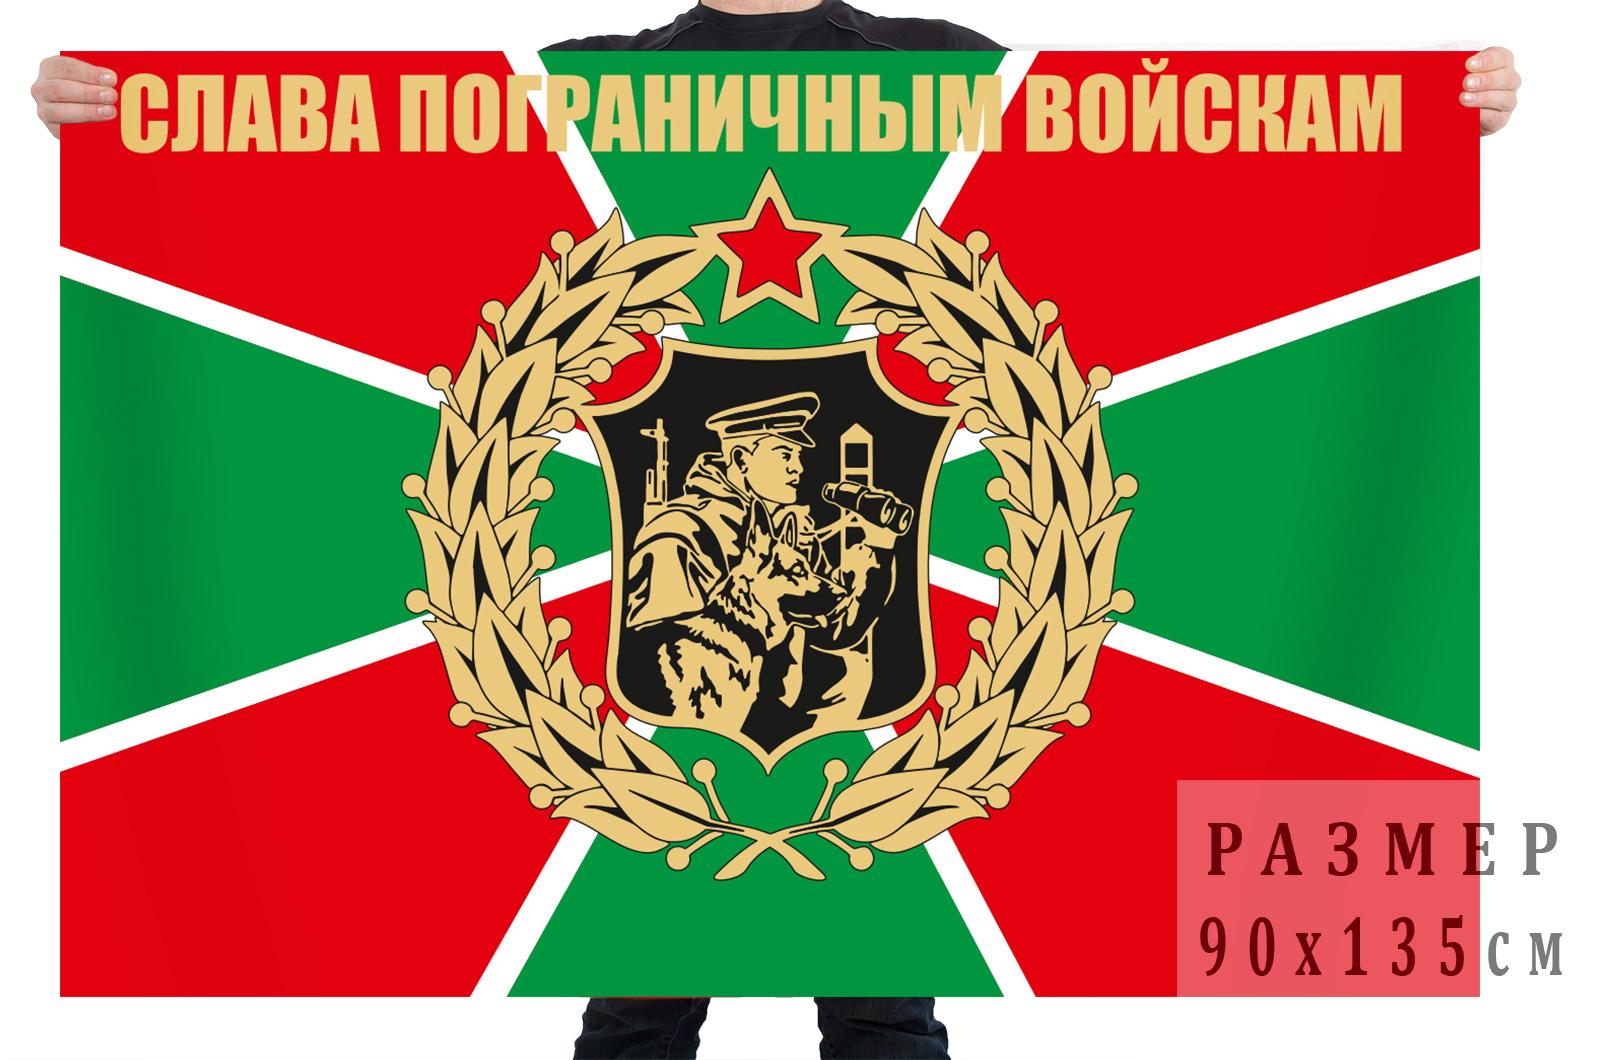 Флаг Слава пограничным войскам